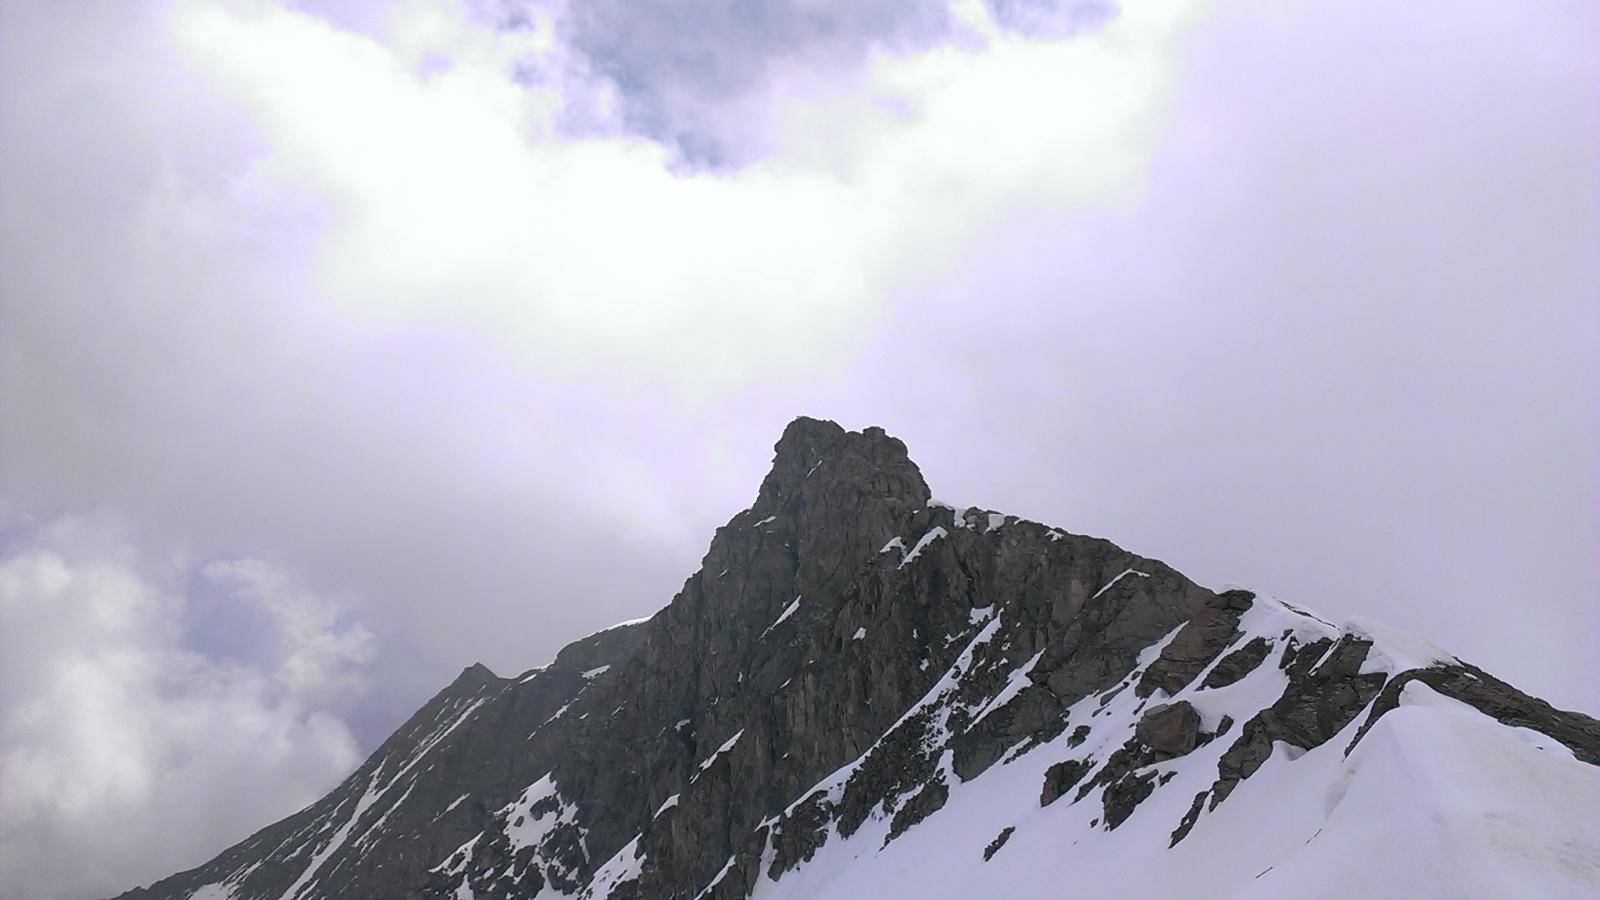 Dalla cresta,verso la cima, prima delle nuvole